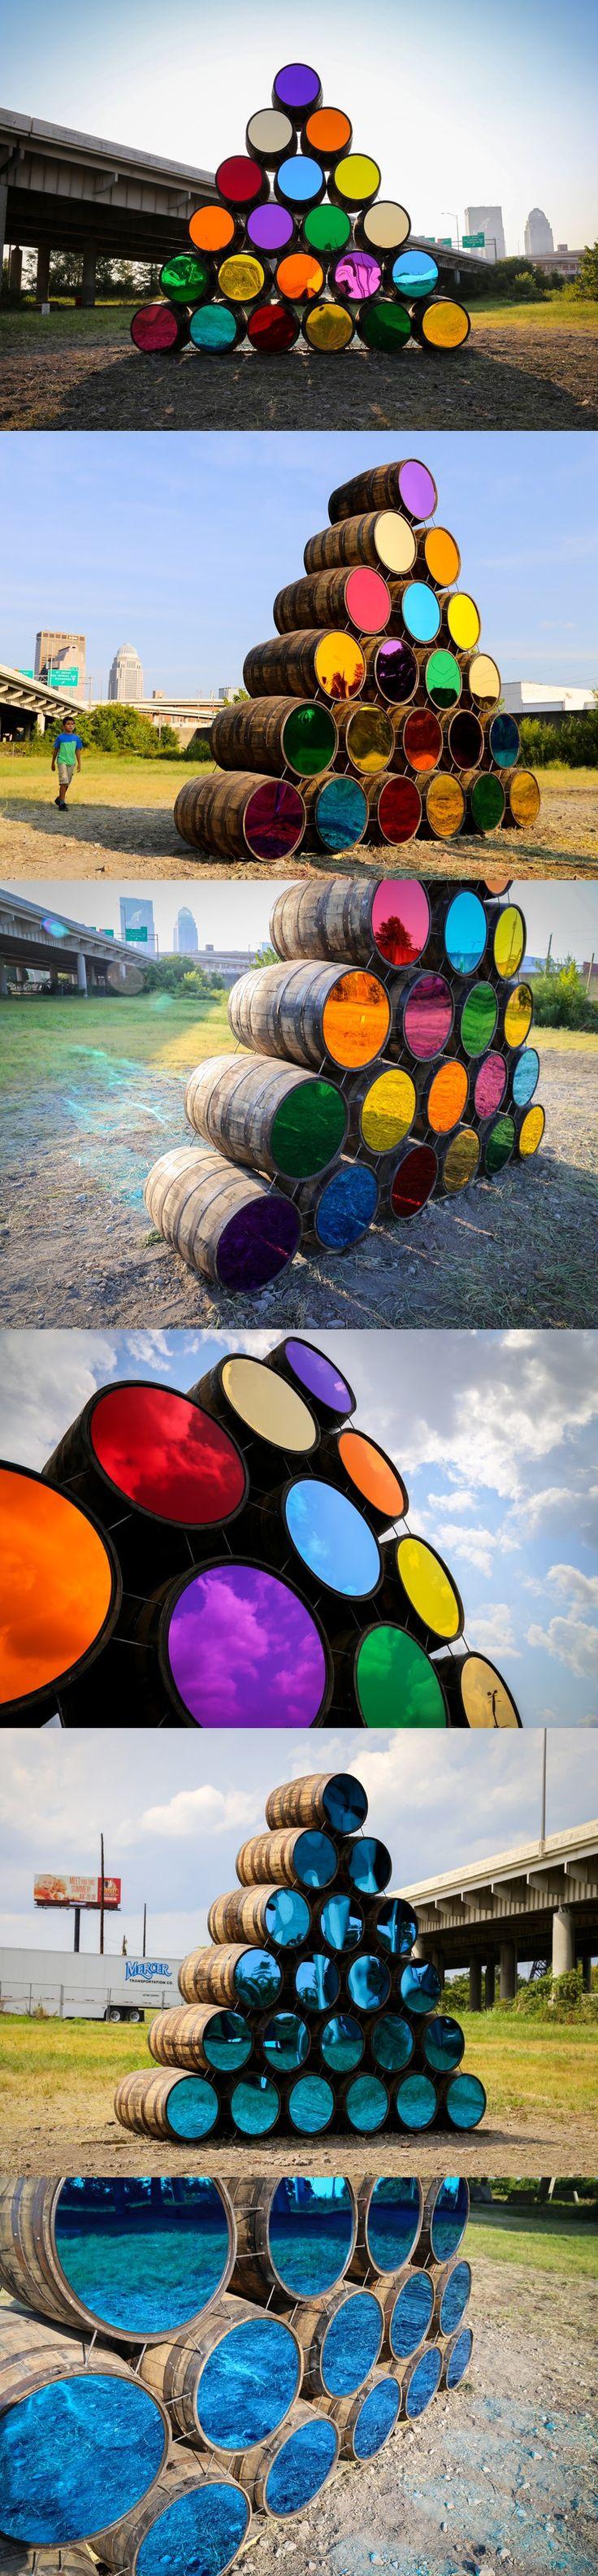 mark reigelman reflects louisville's landscape on oak barrels